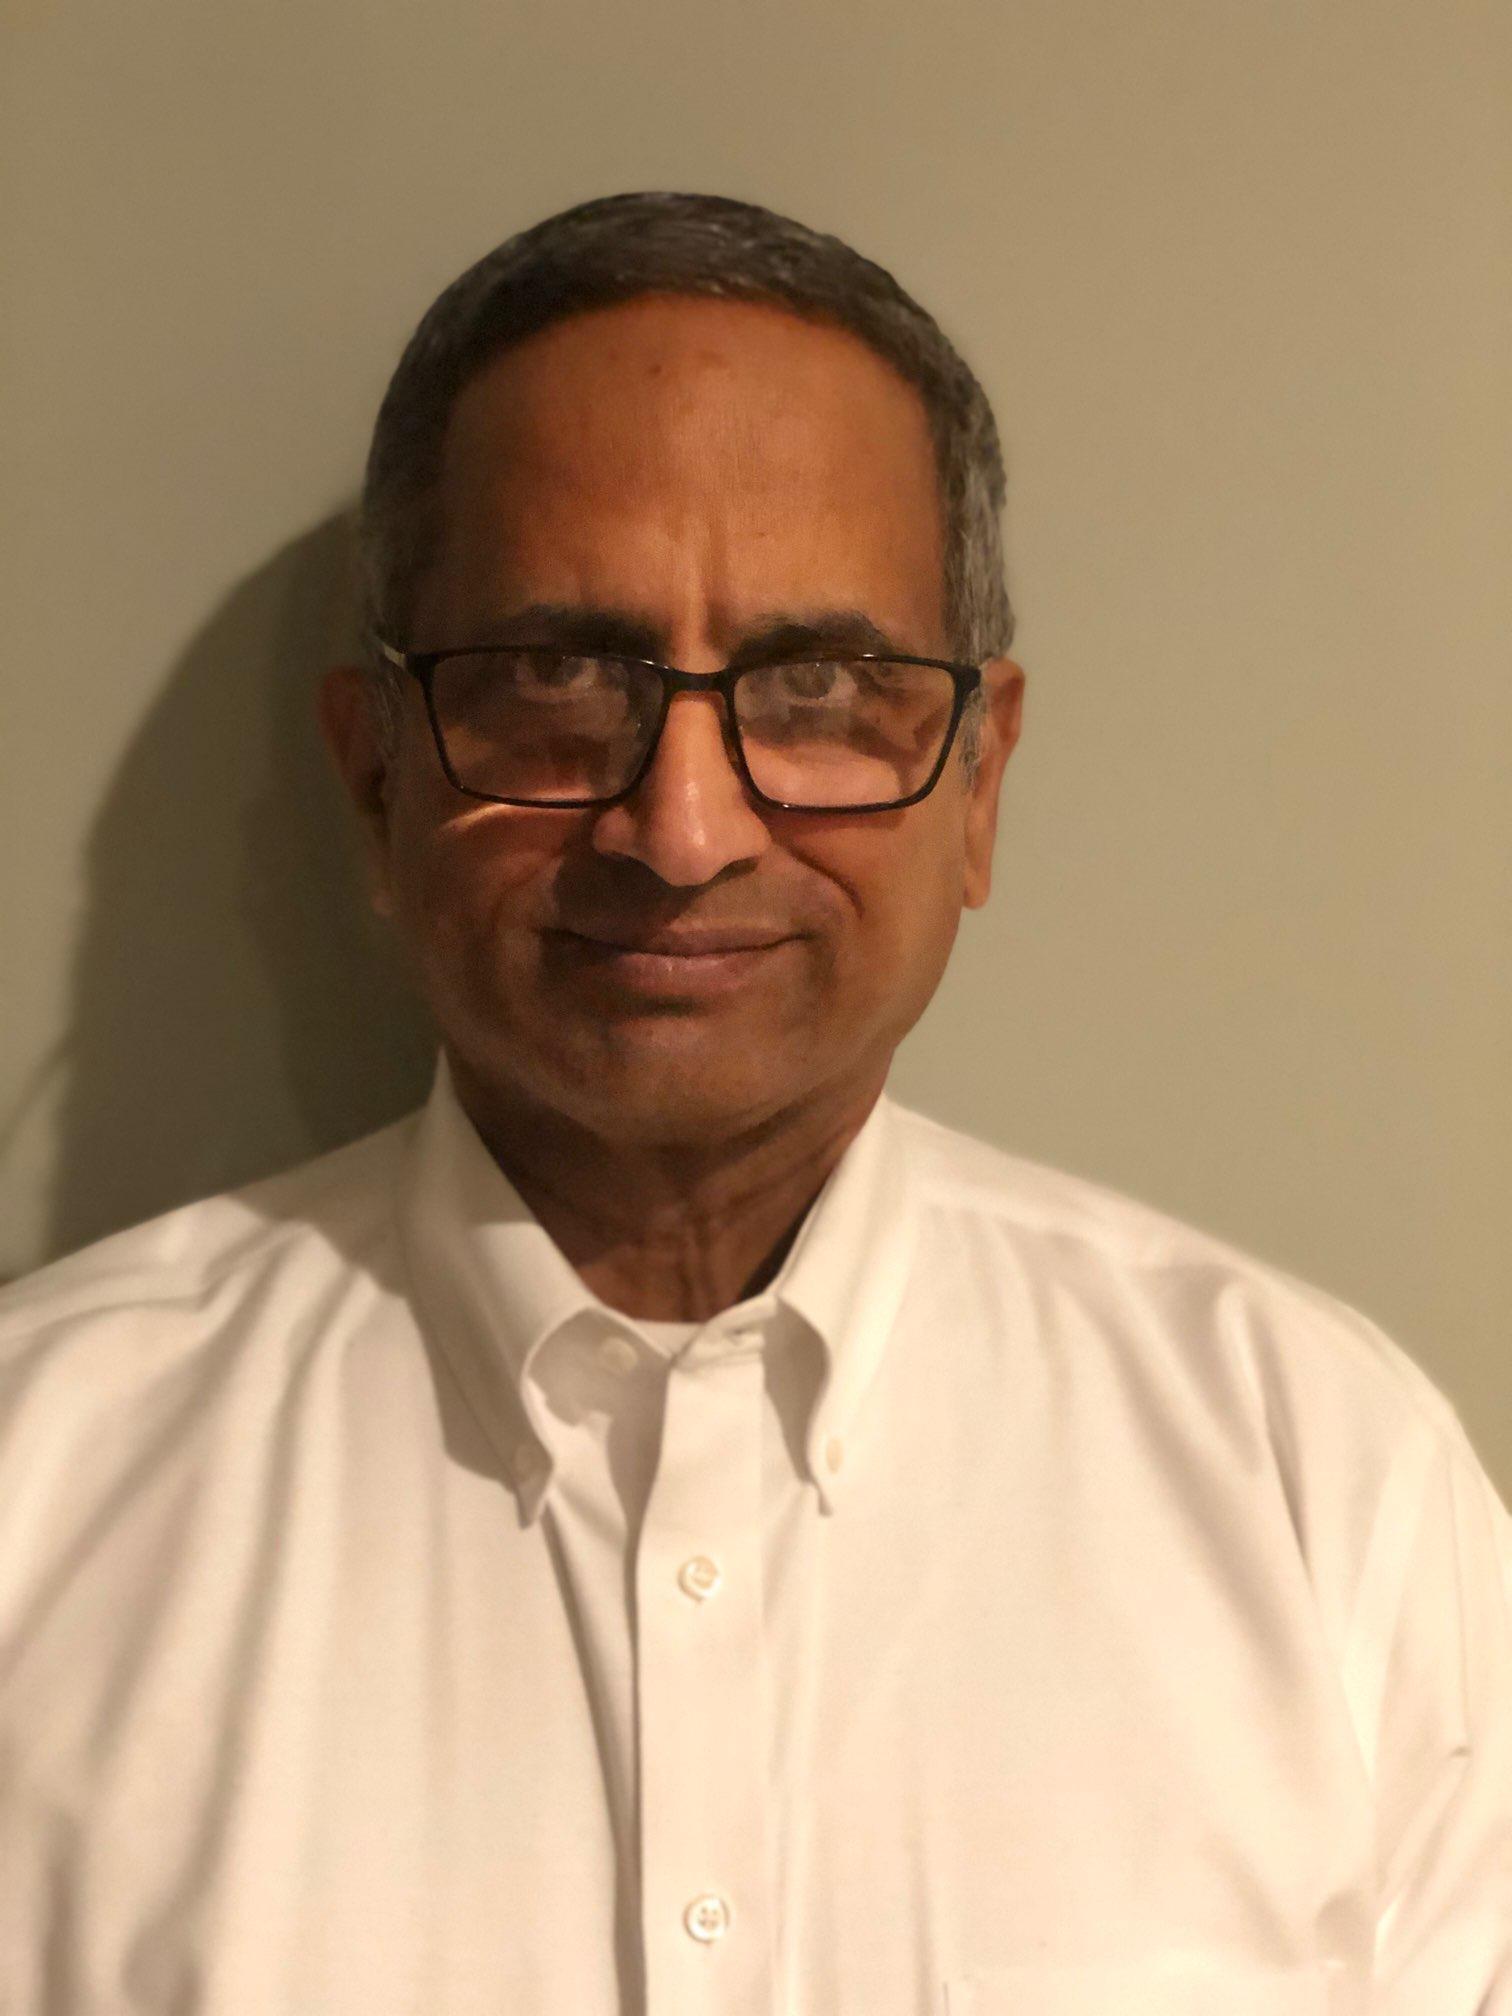 Akella Chendrasekhar